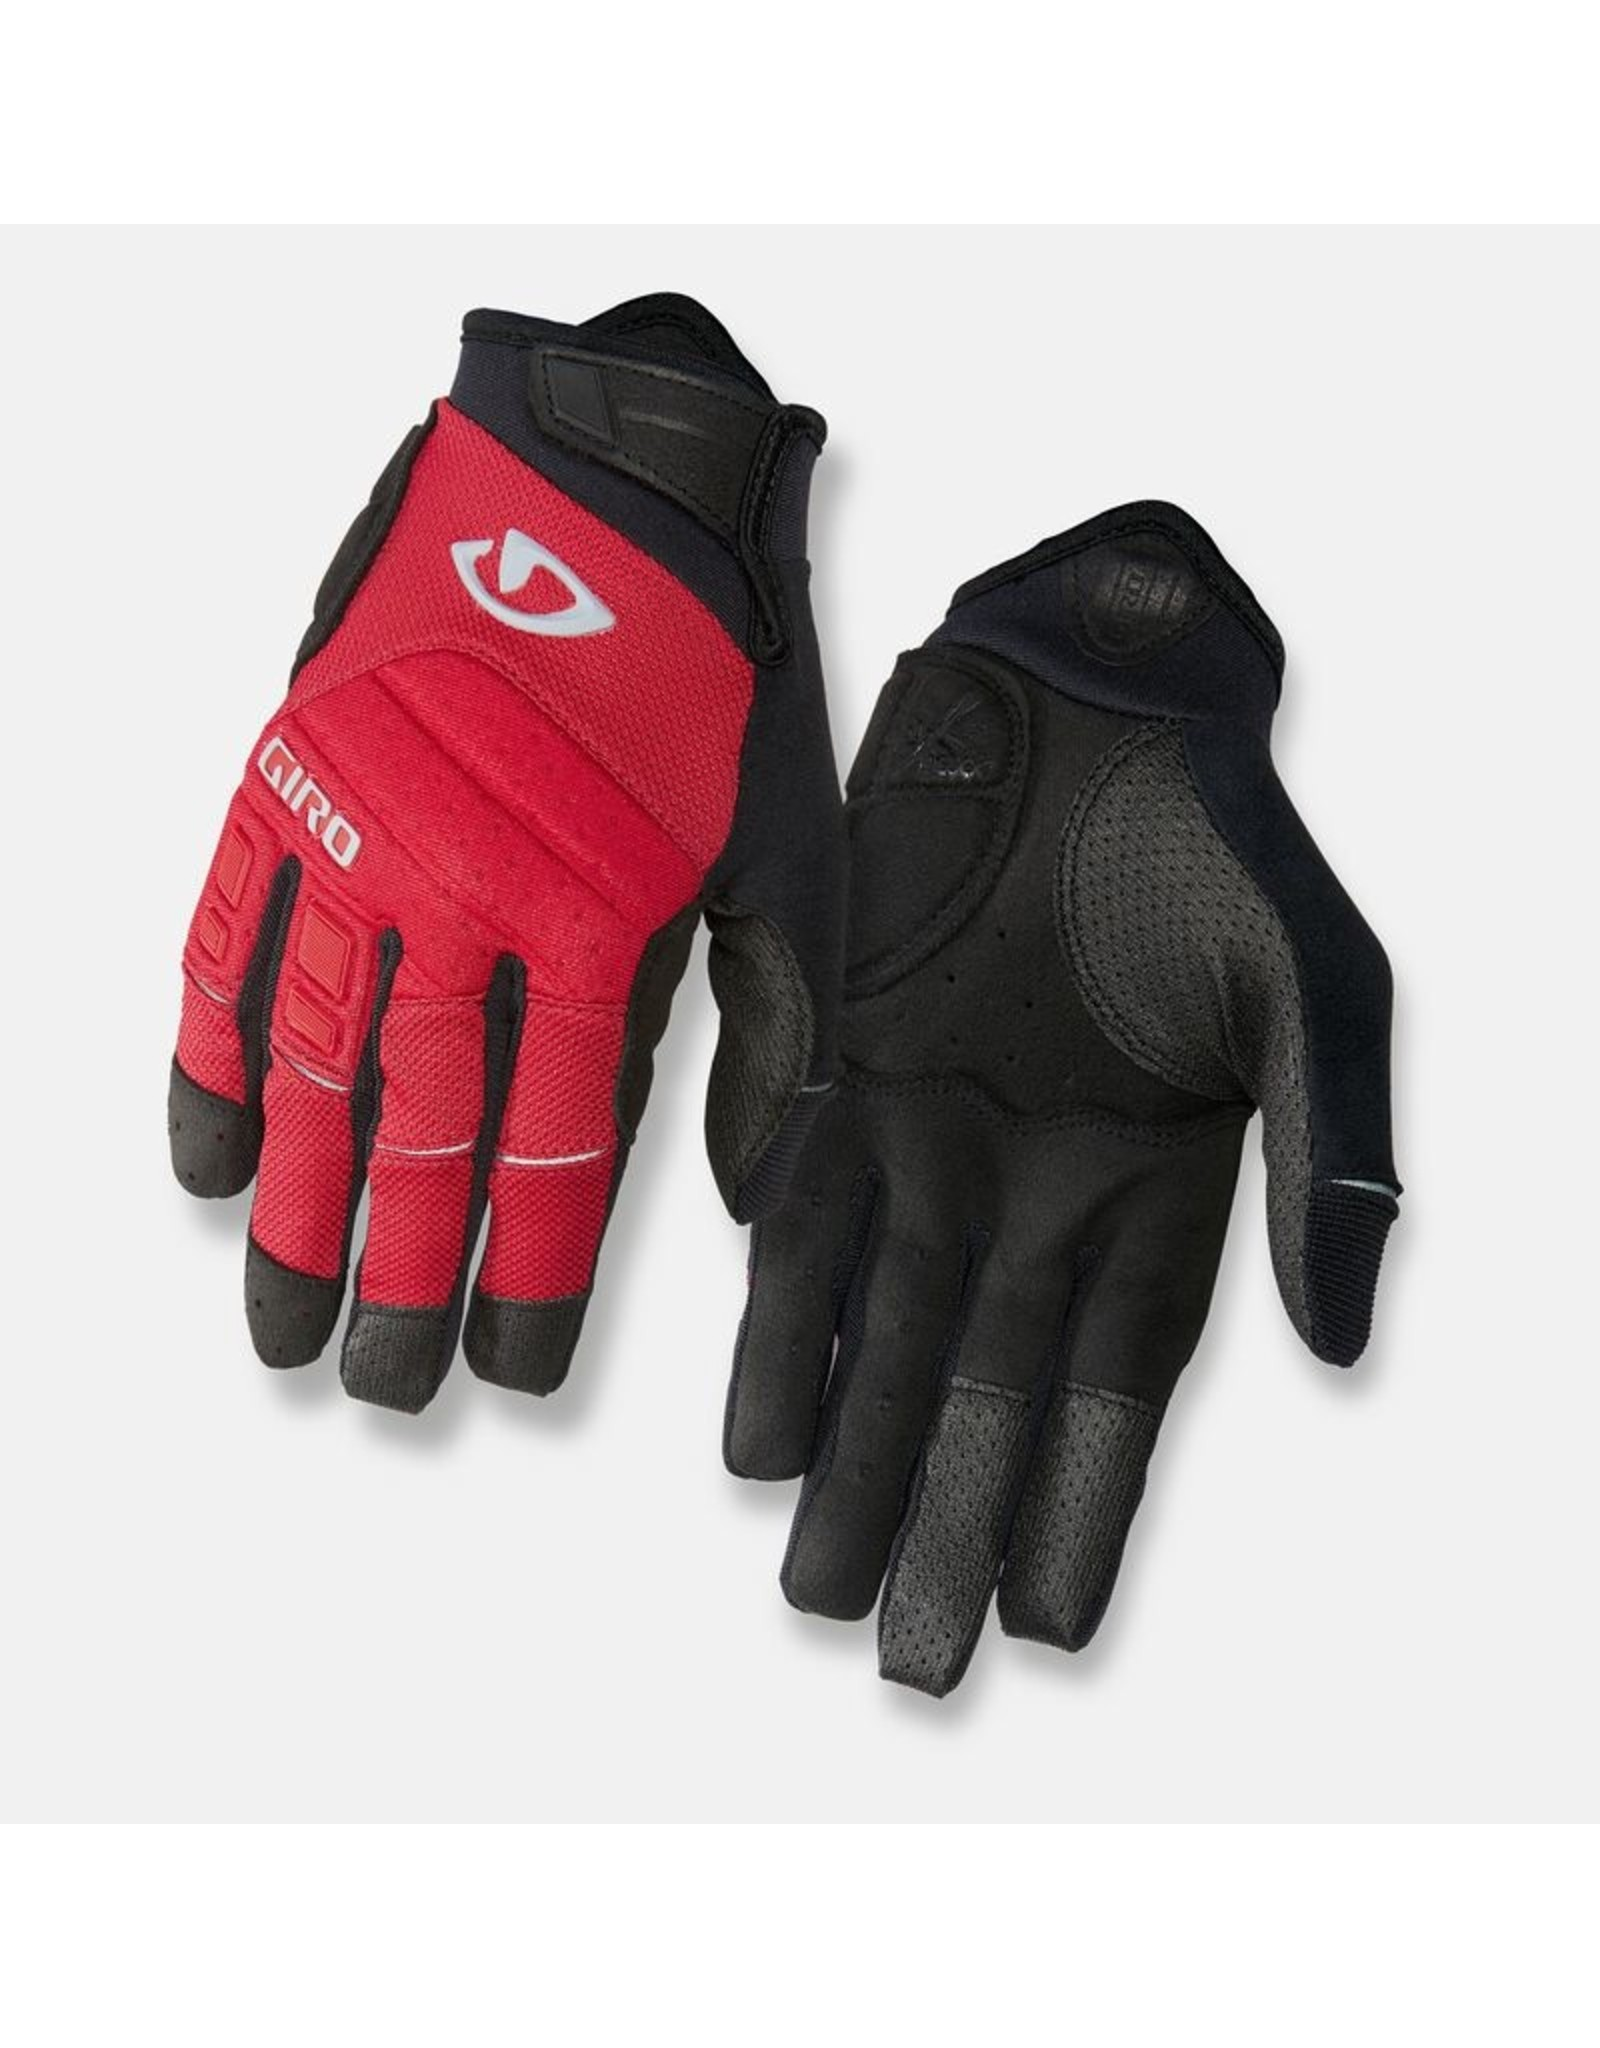 Giro Giro Xen Glove Dark Red/Blk/Gray